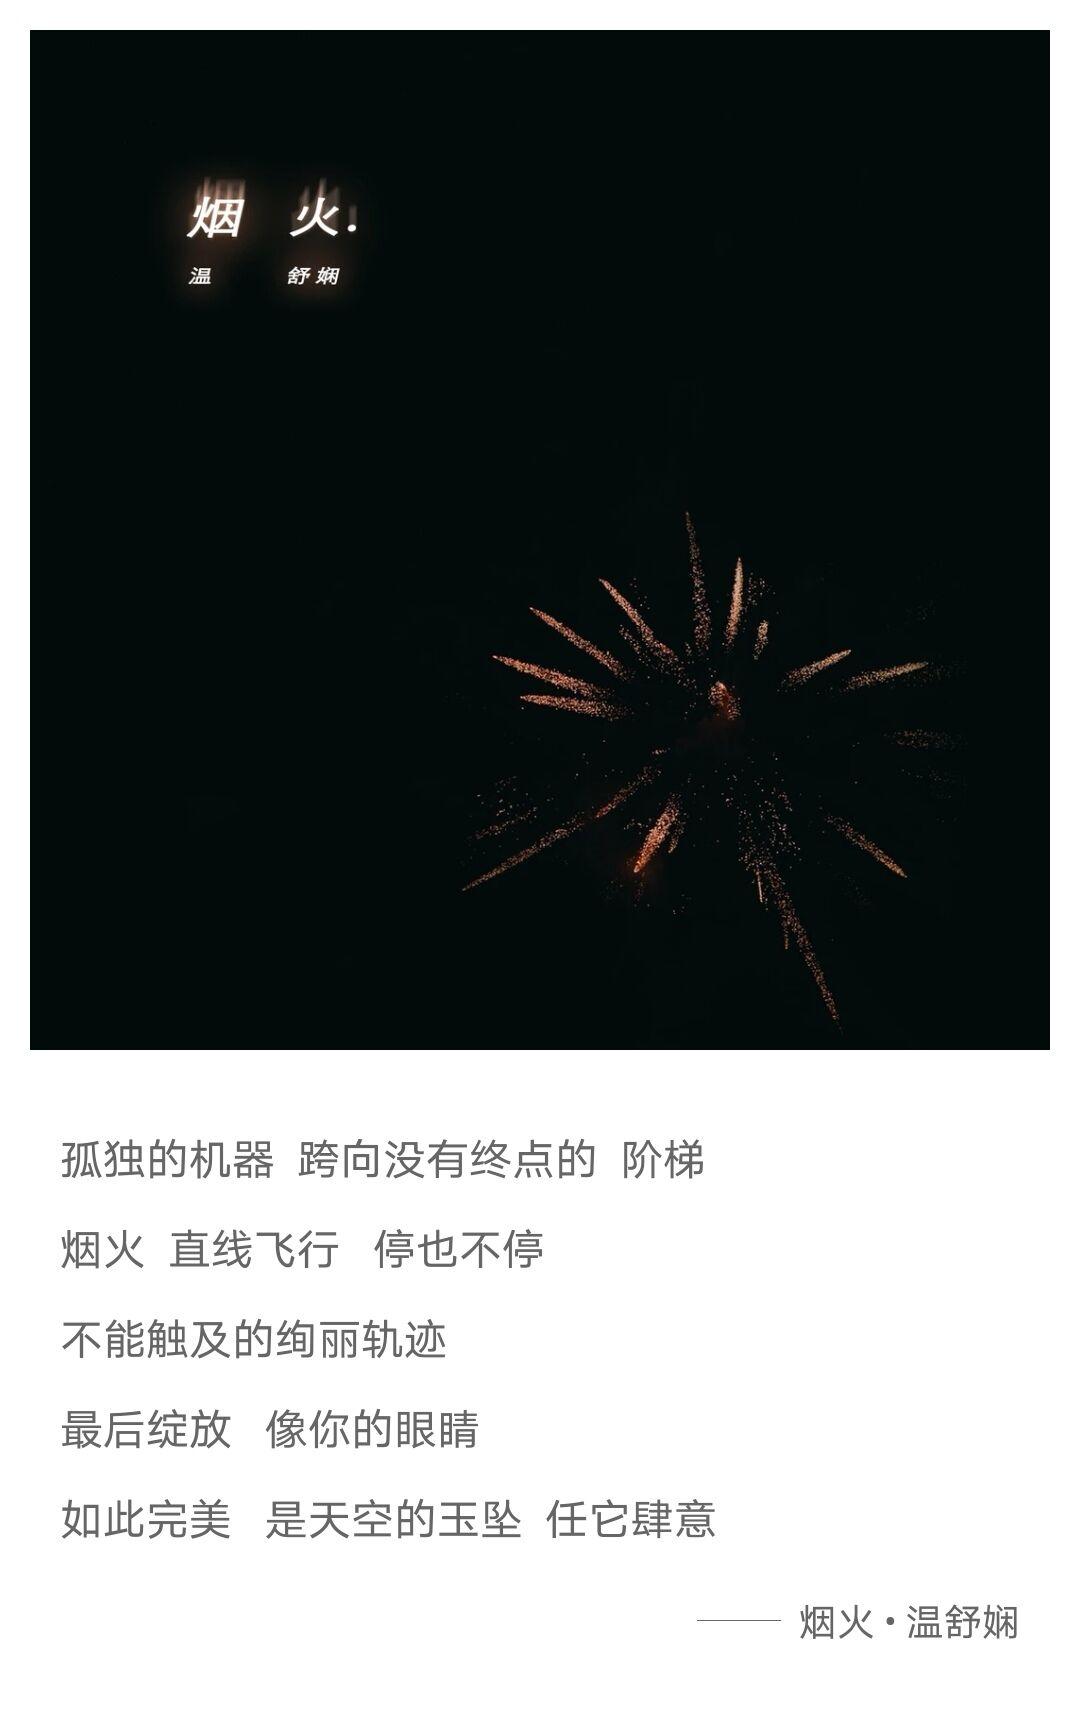 『单曲推荐』烟火/温舒娴